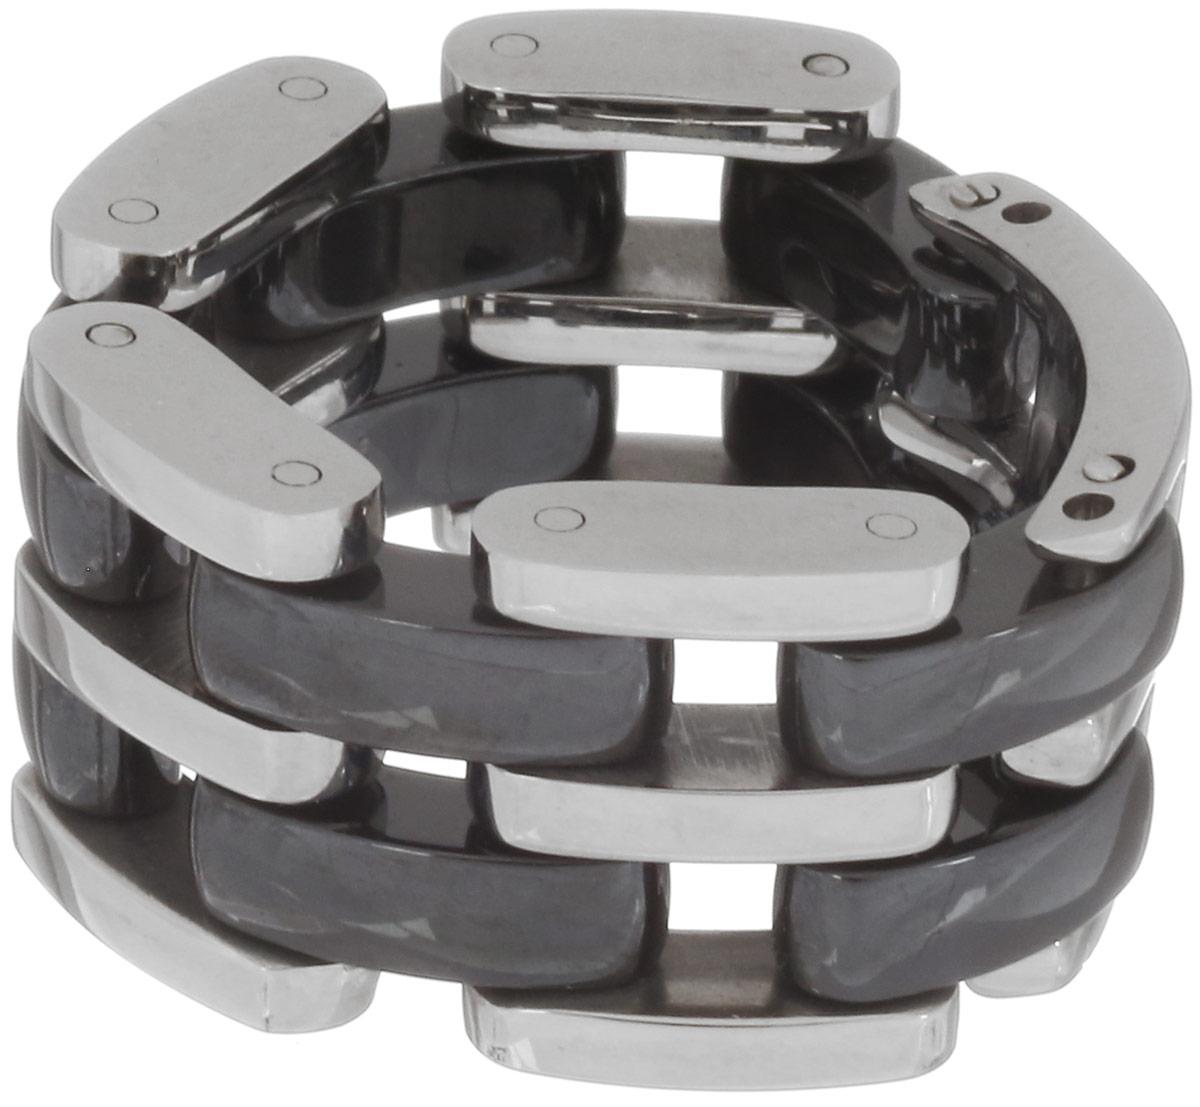 Кольцо Art-Silver, цвет: серебристый, черный. QD39B-783. Размер 20QD39B-783Стильное шарнирное кольцо Art-Silver изготовлено из керамики и стали. Модель оформлена оригинальным плетением. Стильное кольцо придаст вашему образу изюминку и подчеркнет индивидуальность.